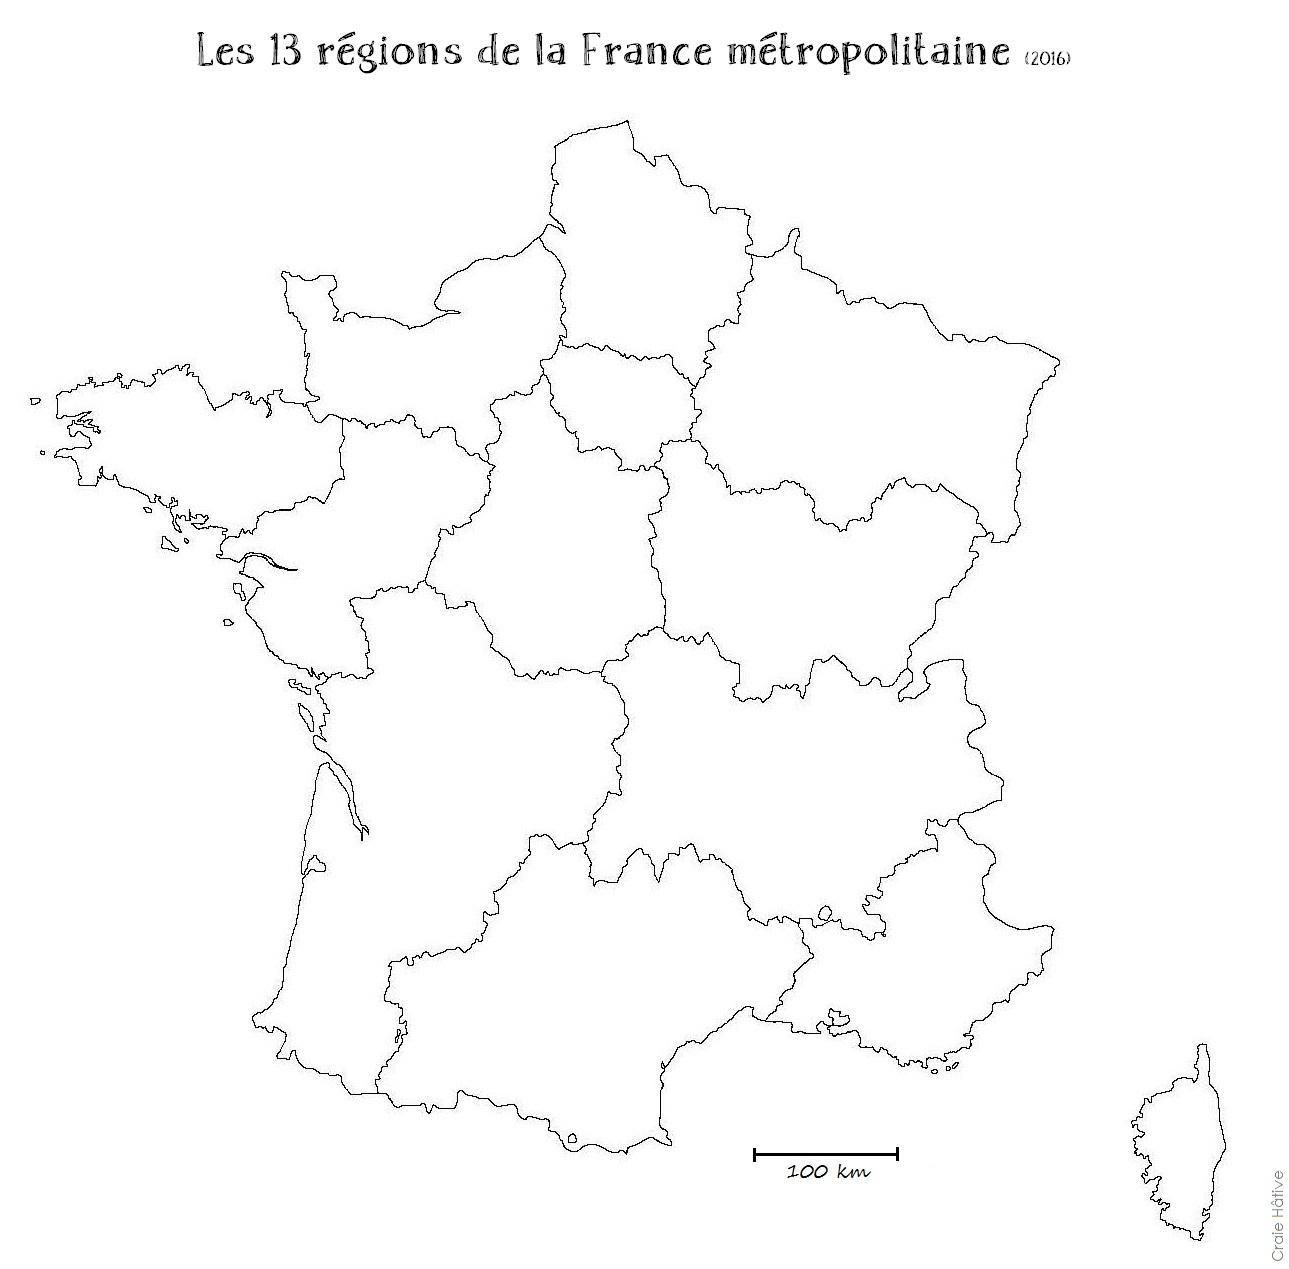 Cartes Des Régions De La France Métropolitaine - 2016 destiné Carte De France Ce2